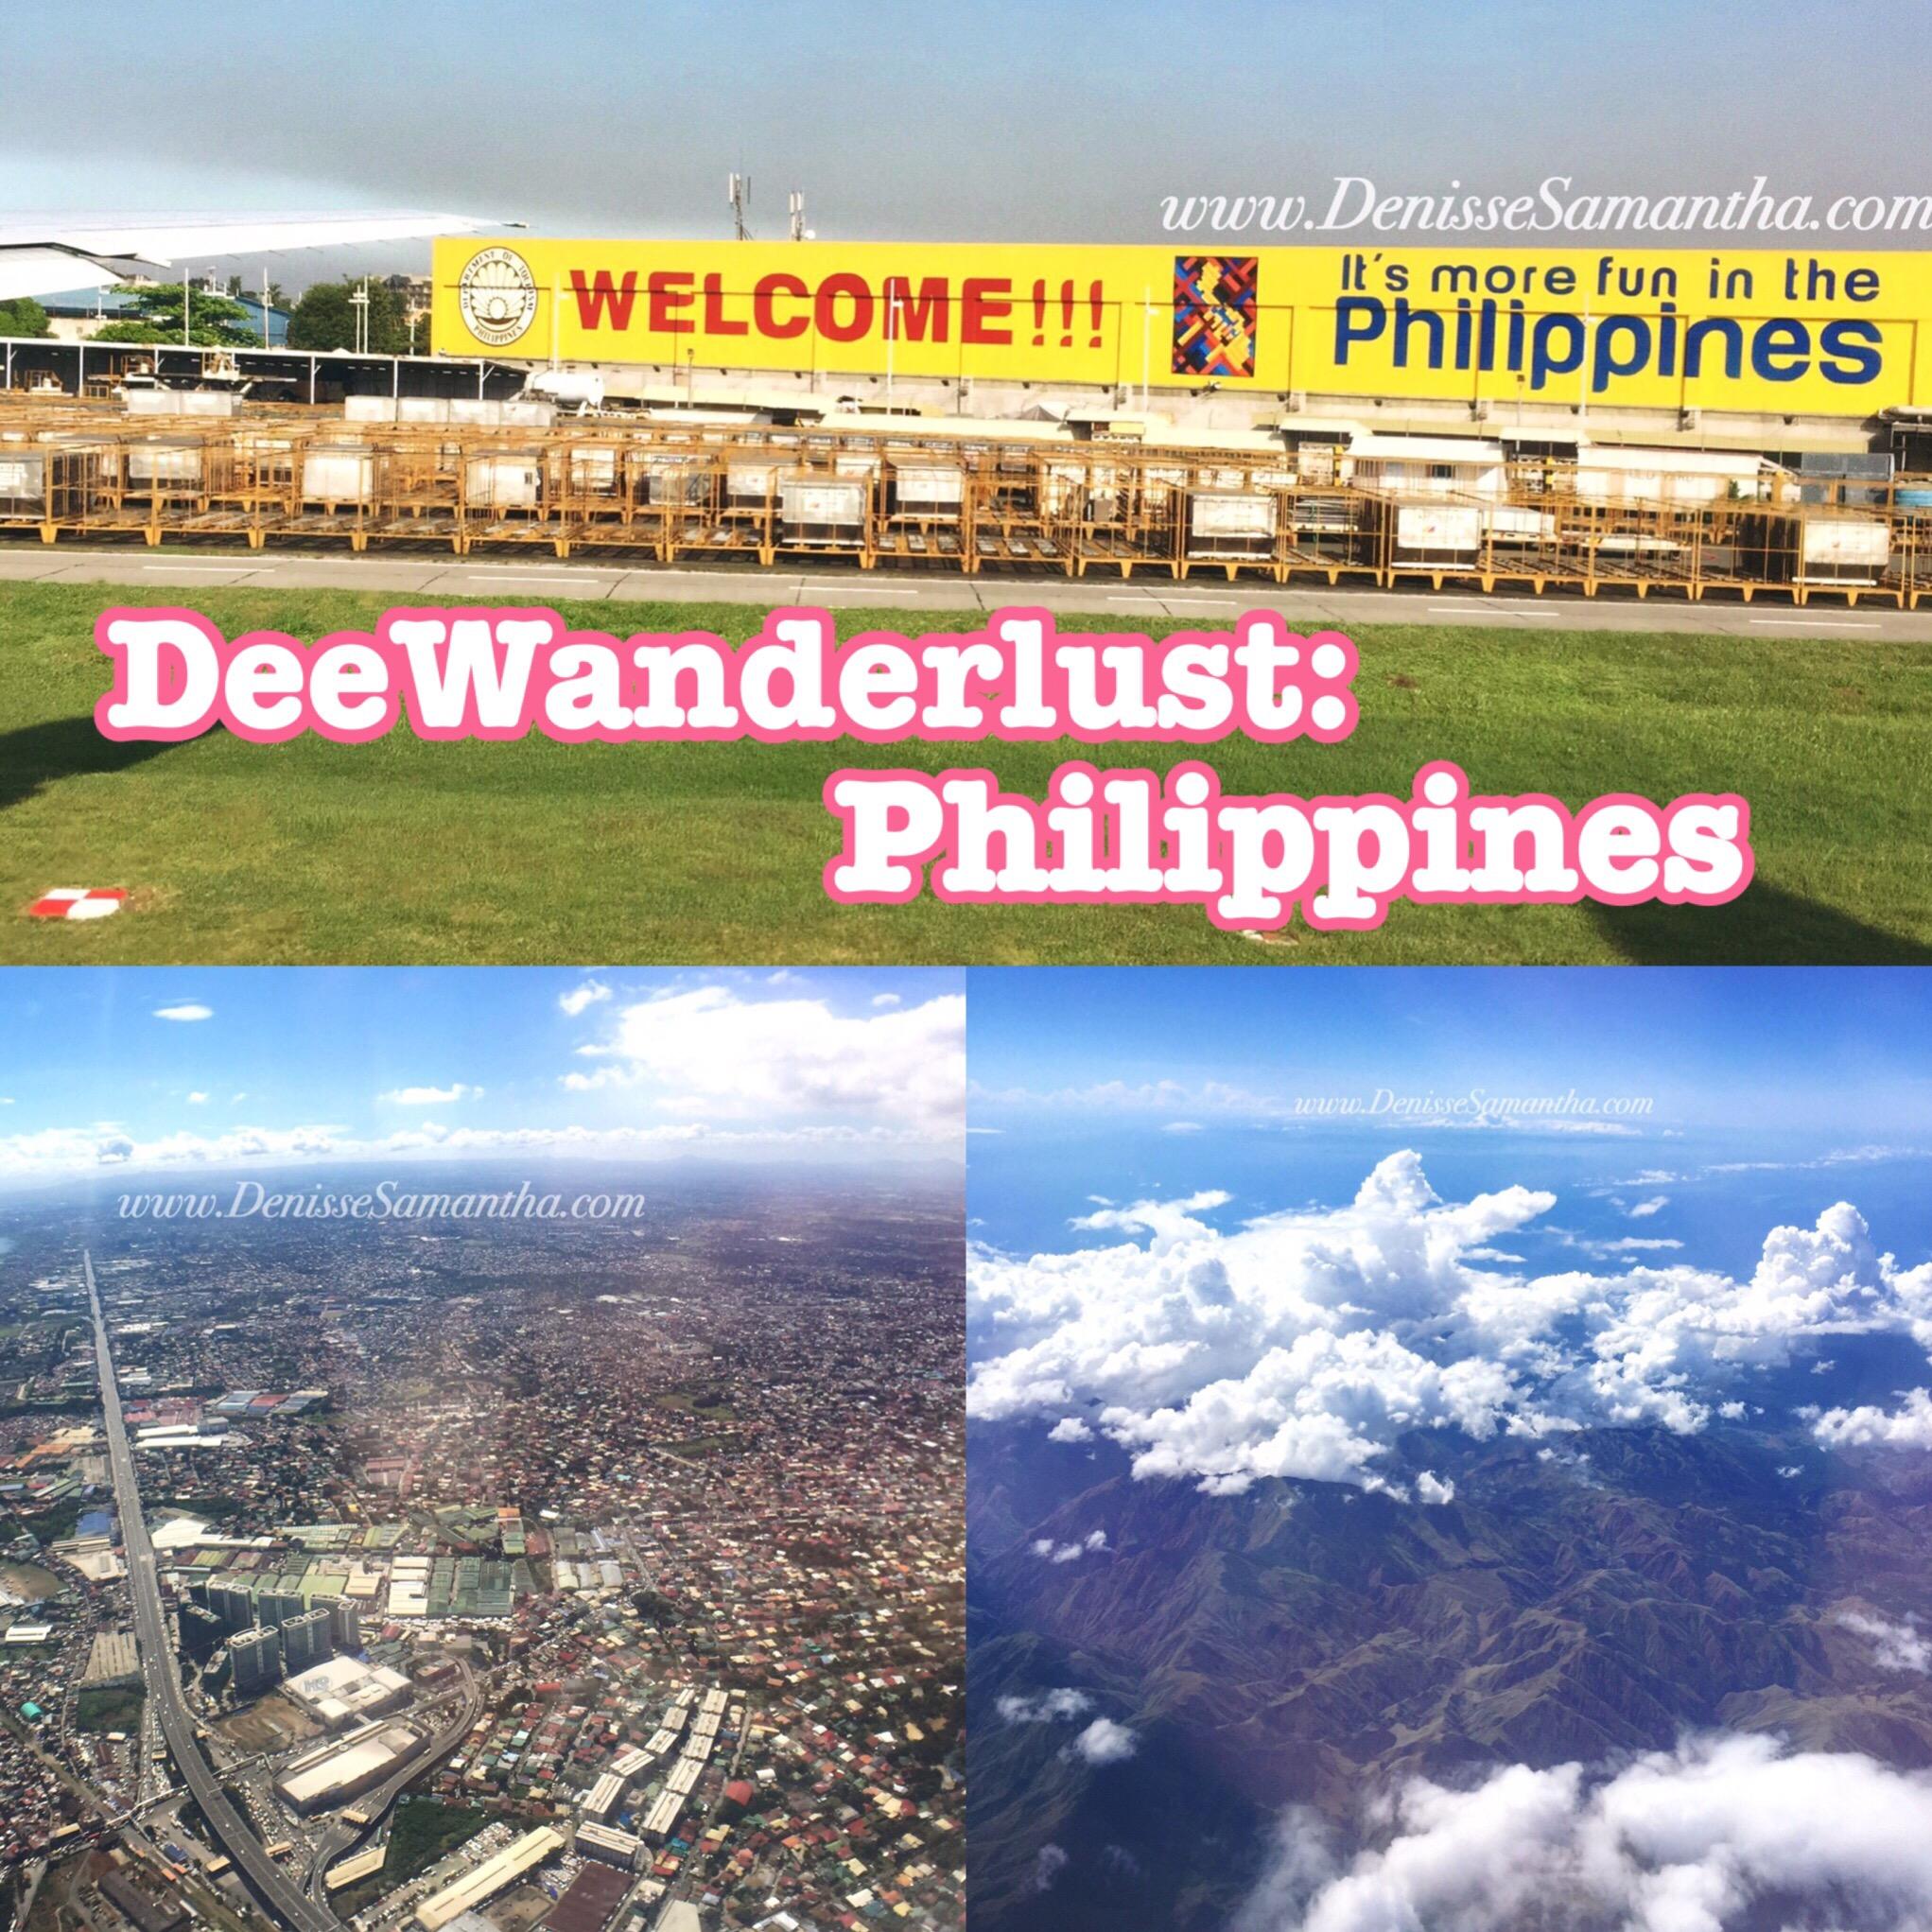 DeeWanderlust: Philippines